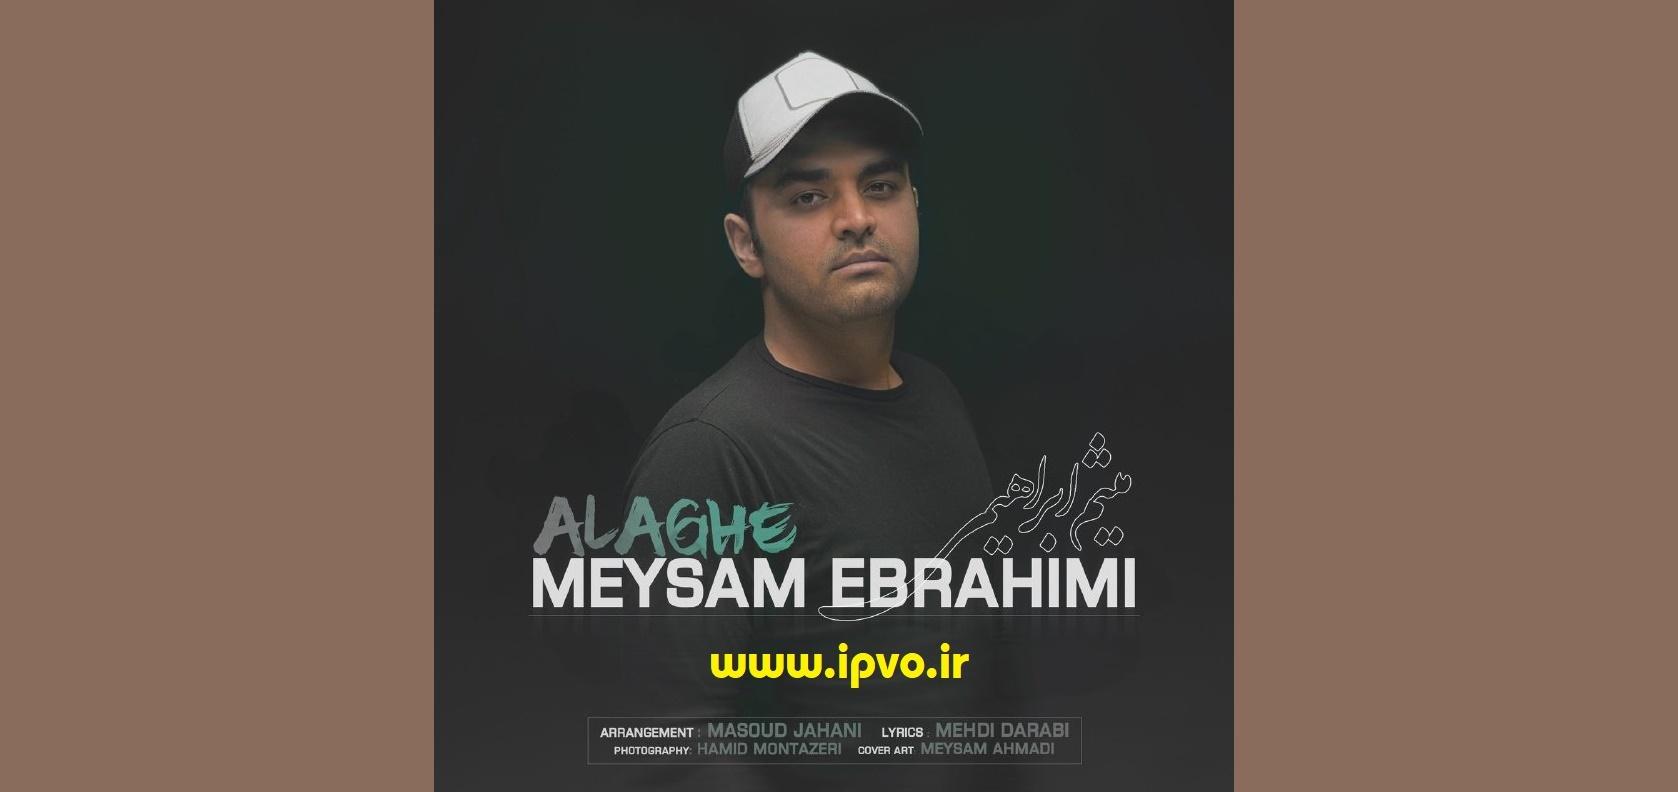 دانلود آهنگ جدید میثم ابراهیمی بنام علاقه